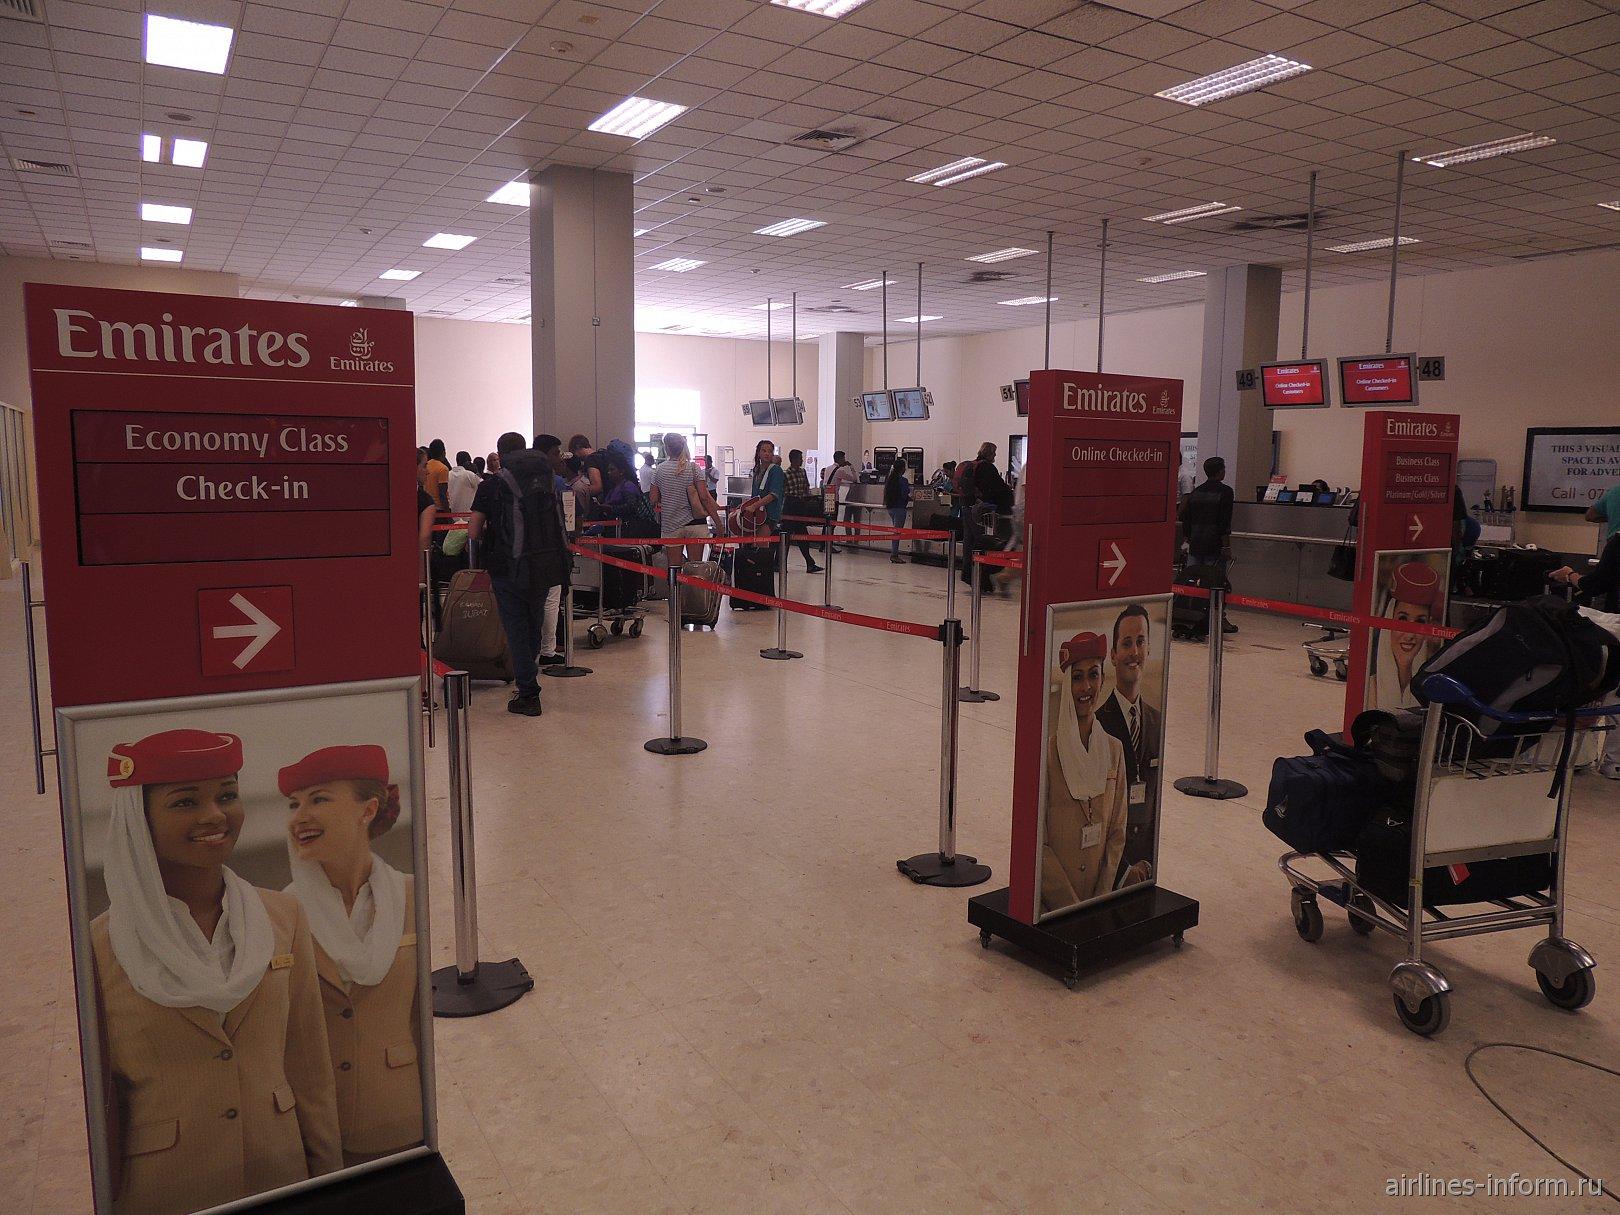 ����������� �� ���� ������������ Emirates � ��������� �������